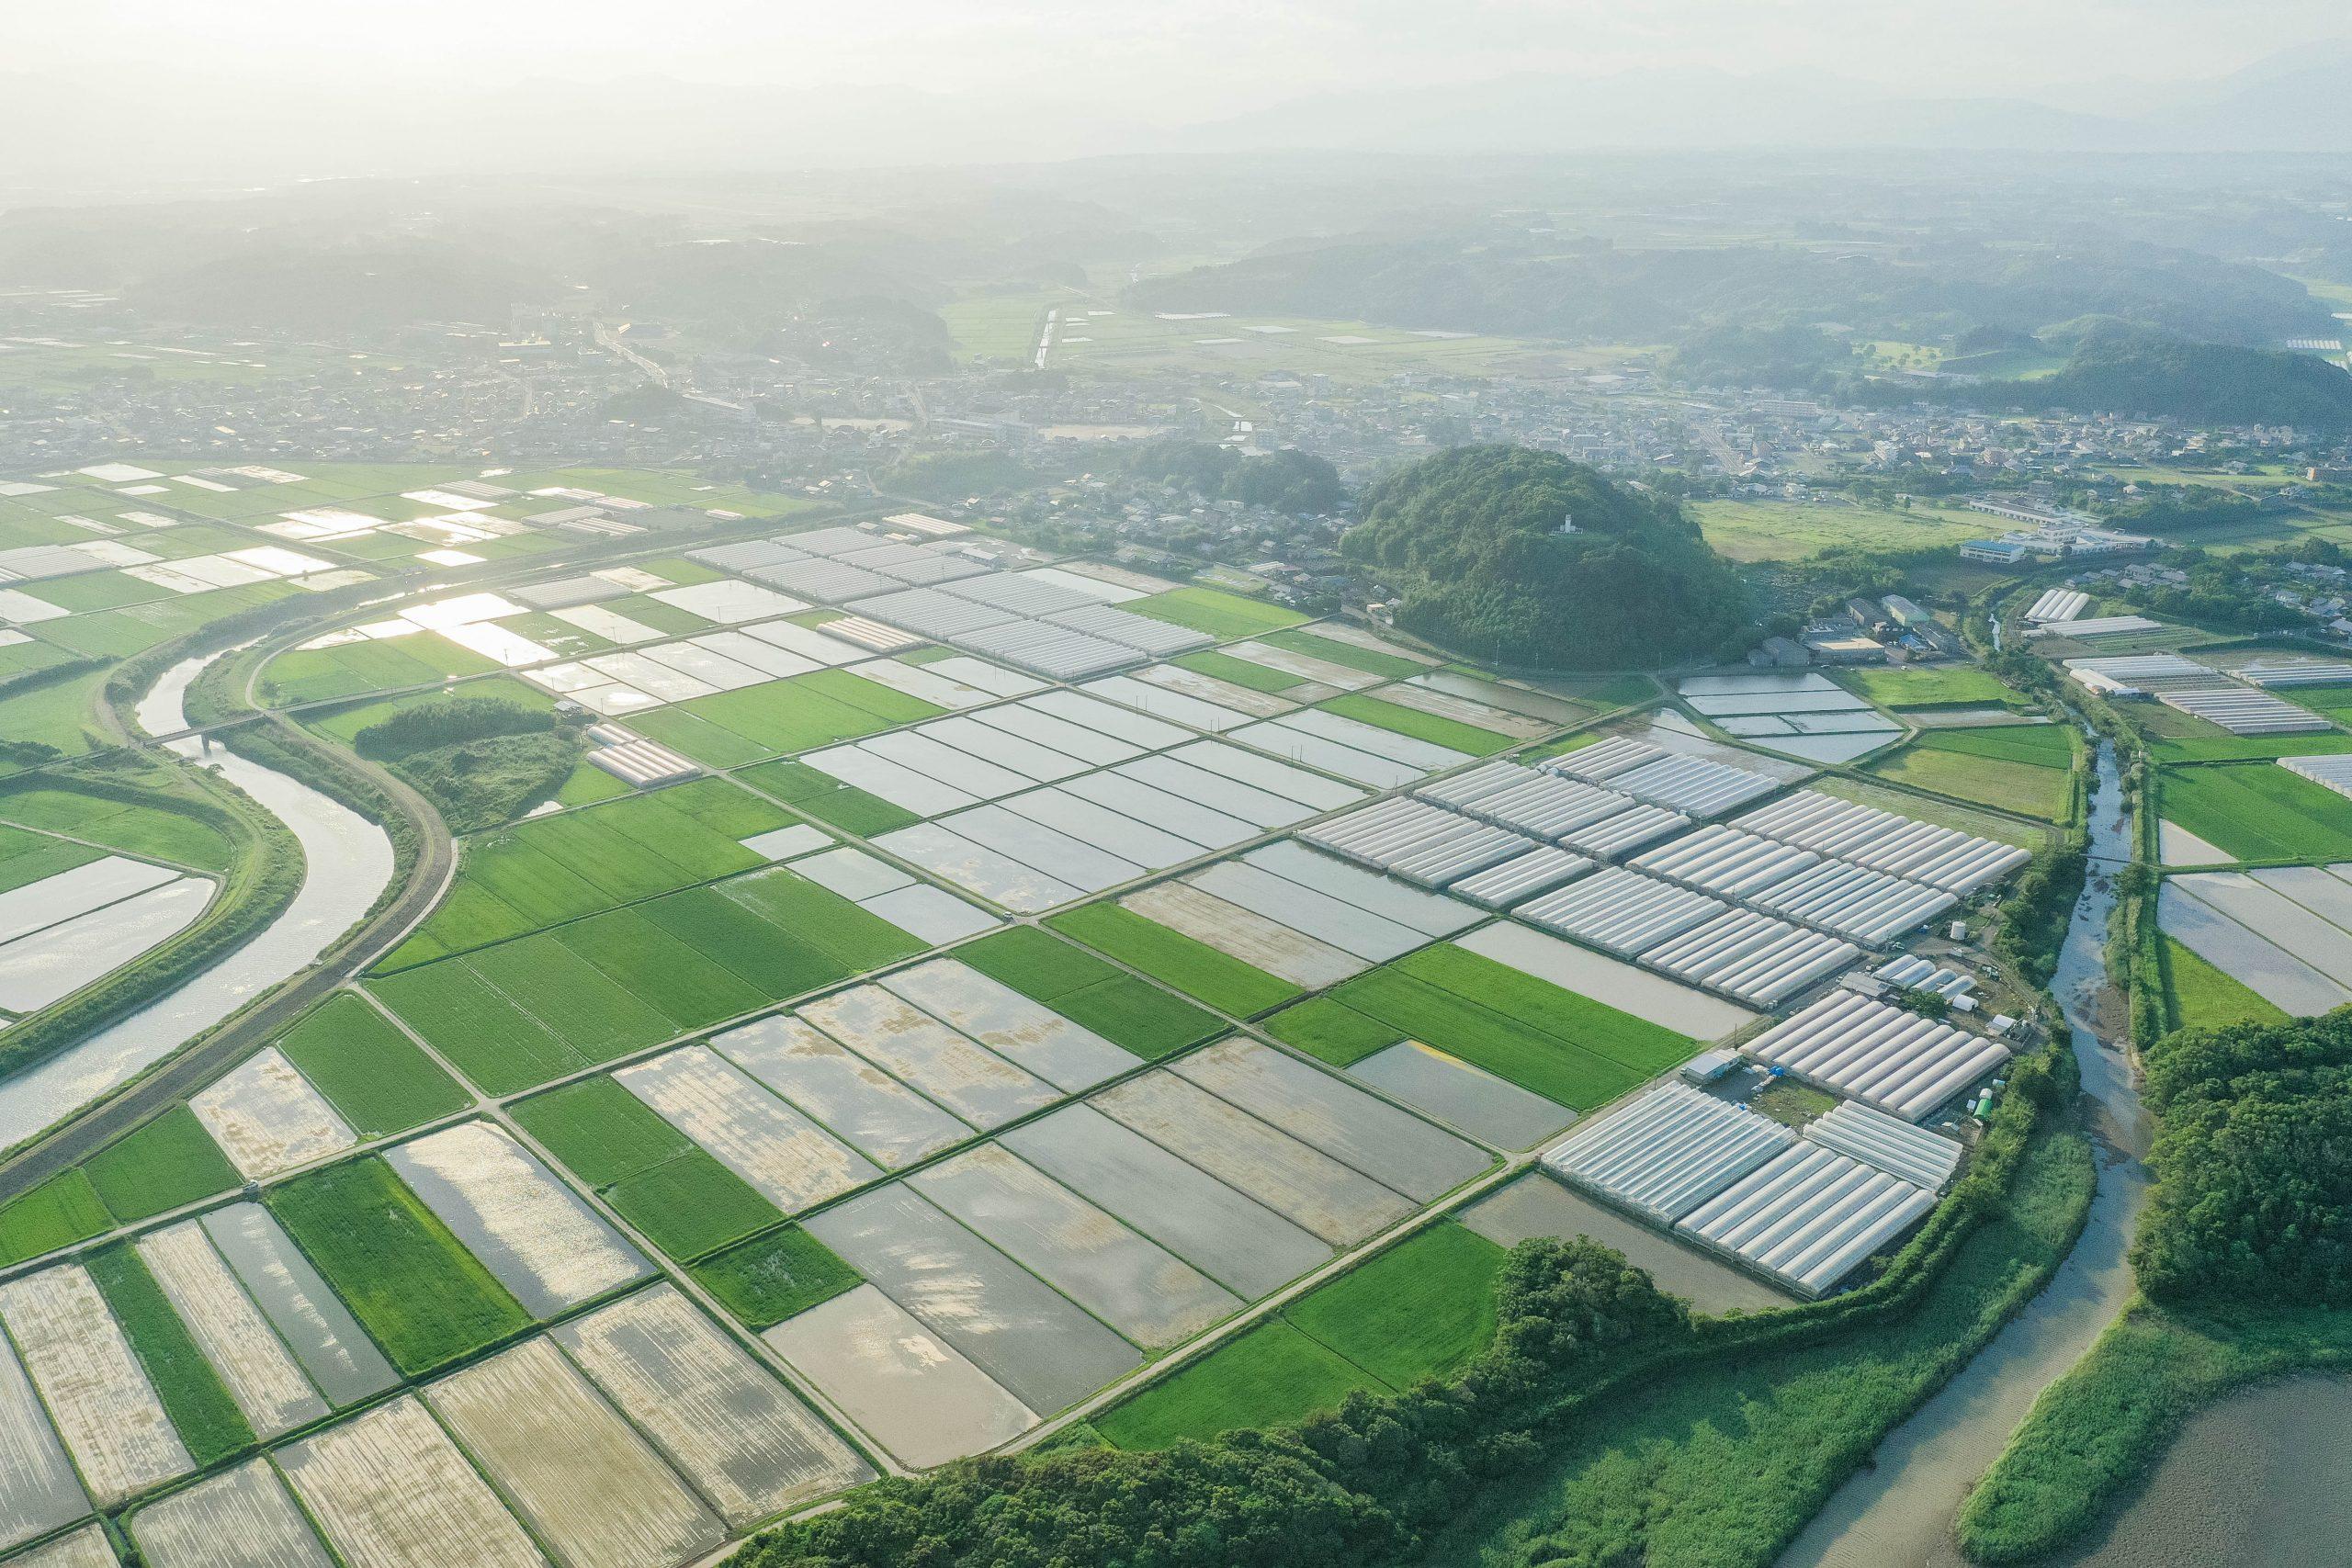 農業の町ー宮崎県新富町ードローン撮影